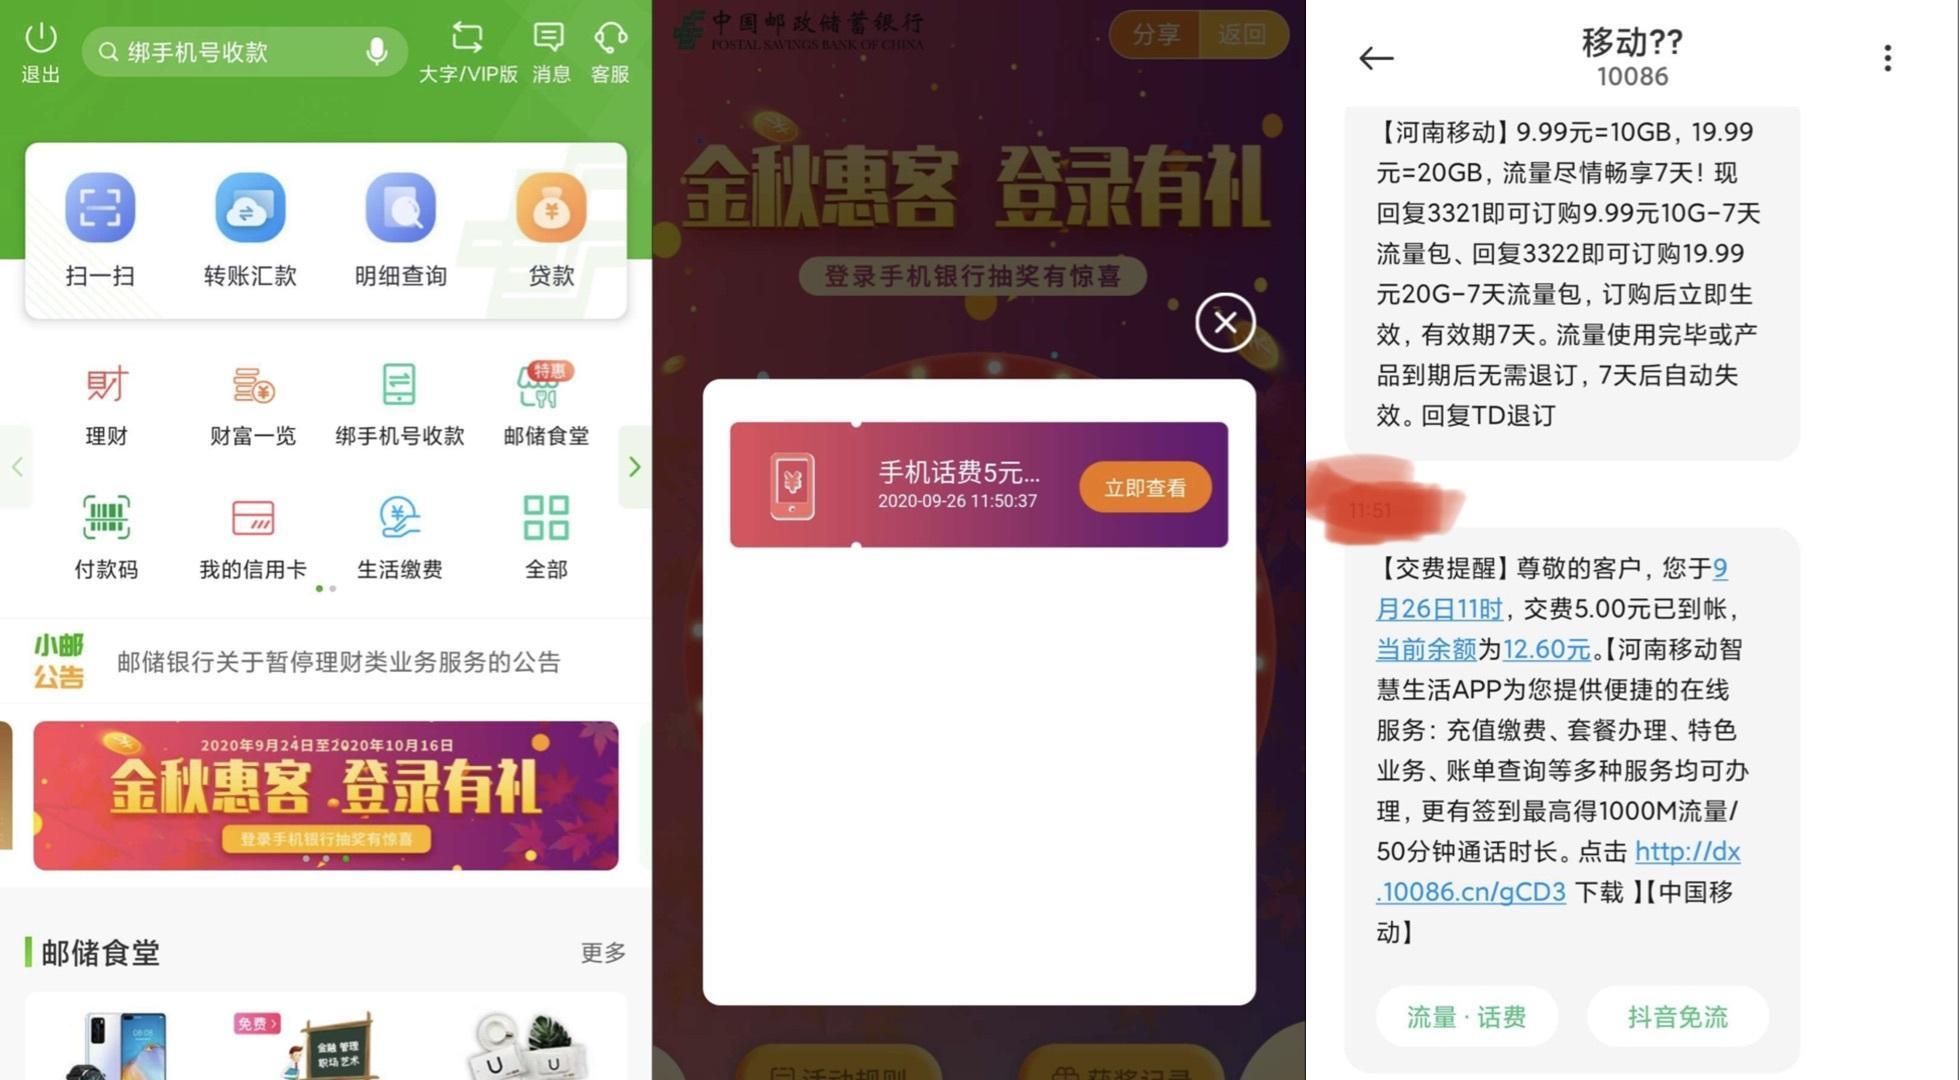 中国邮政app抽奖亲测5元话费